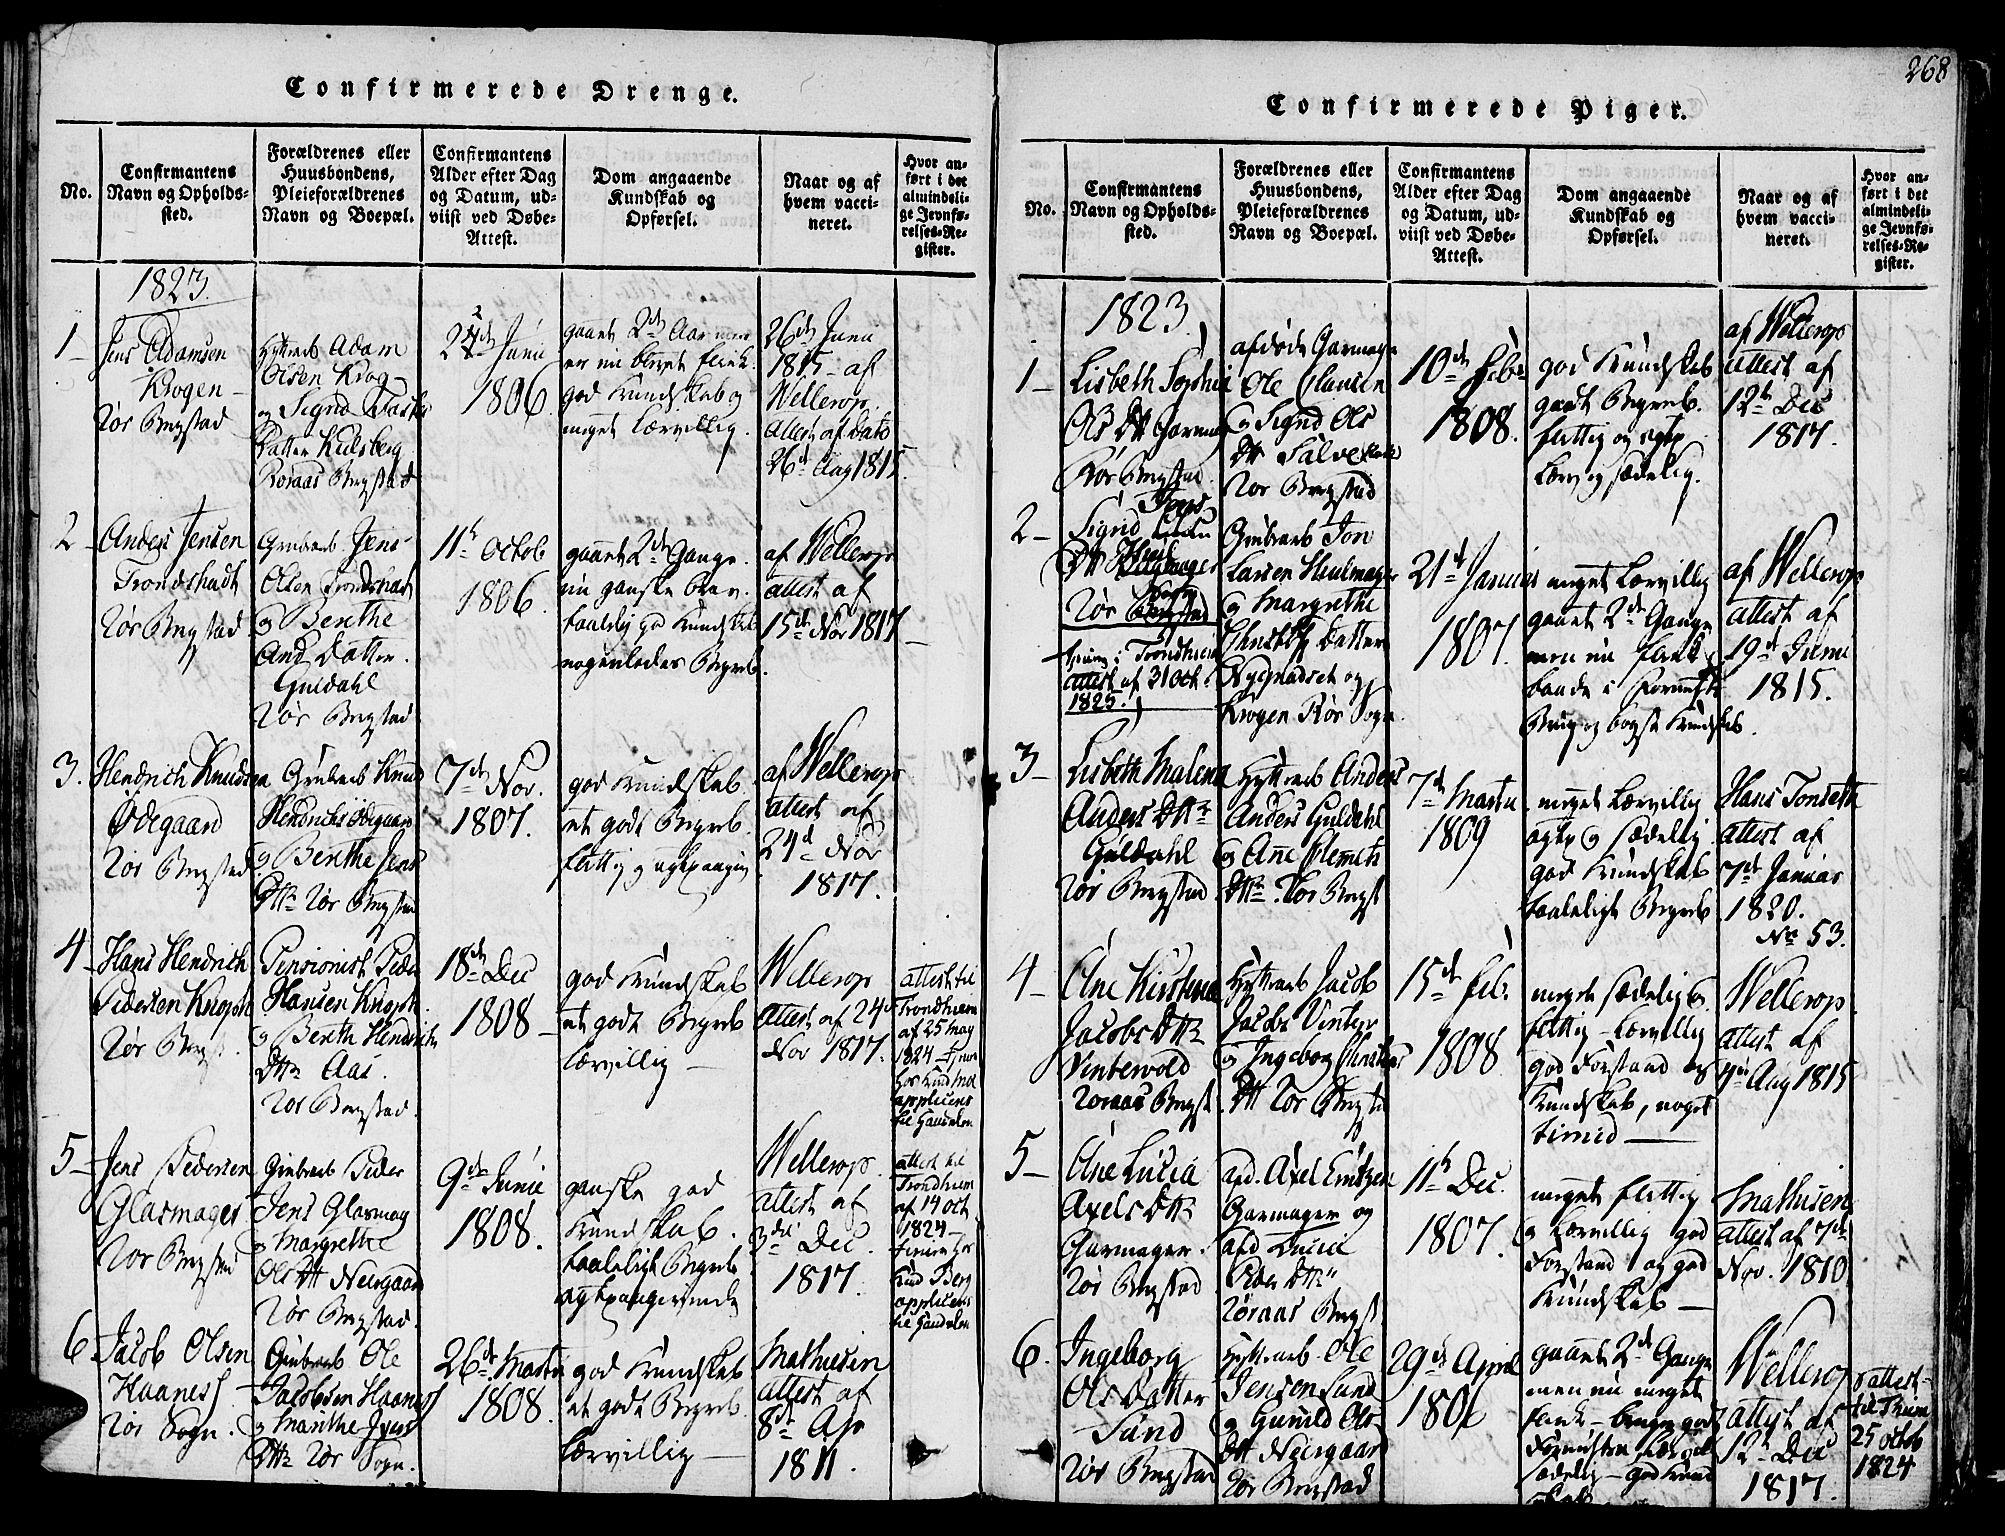 SAT, Ministerialprotokoller, klokkerbøker og fødselsregistre - Sør-Trøndelag, 681/L0929: Ministerialbok nr. 681A07, 1817-1828, s. 268